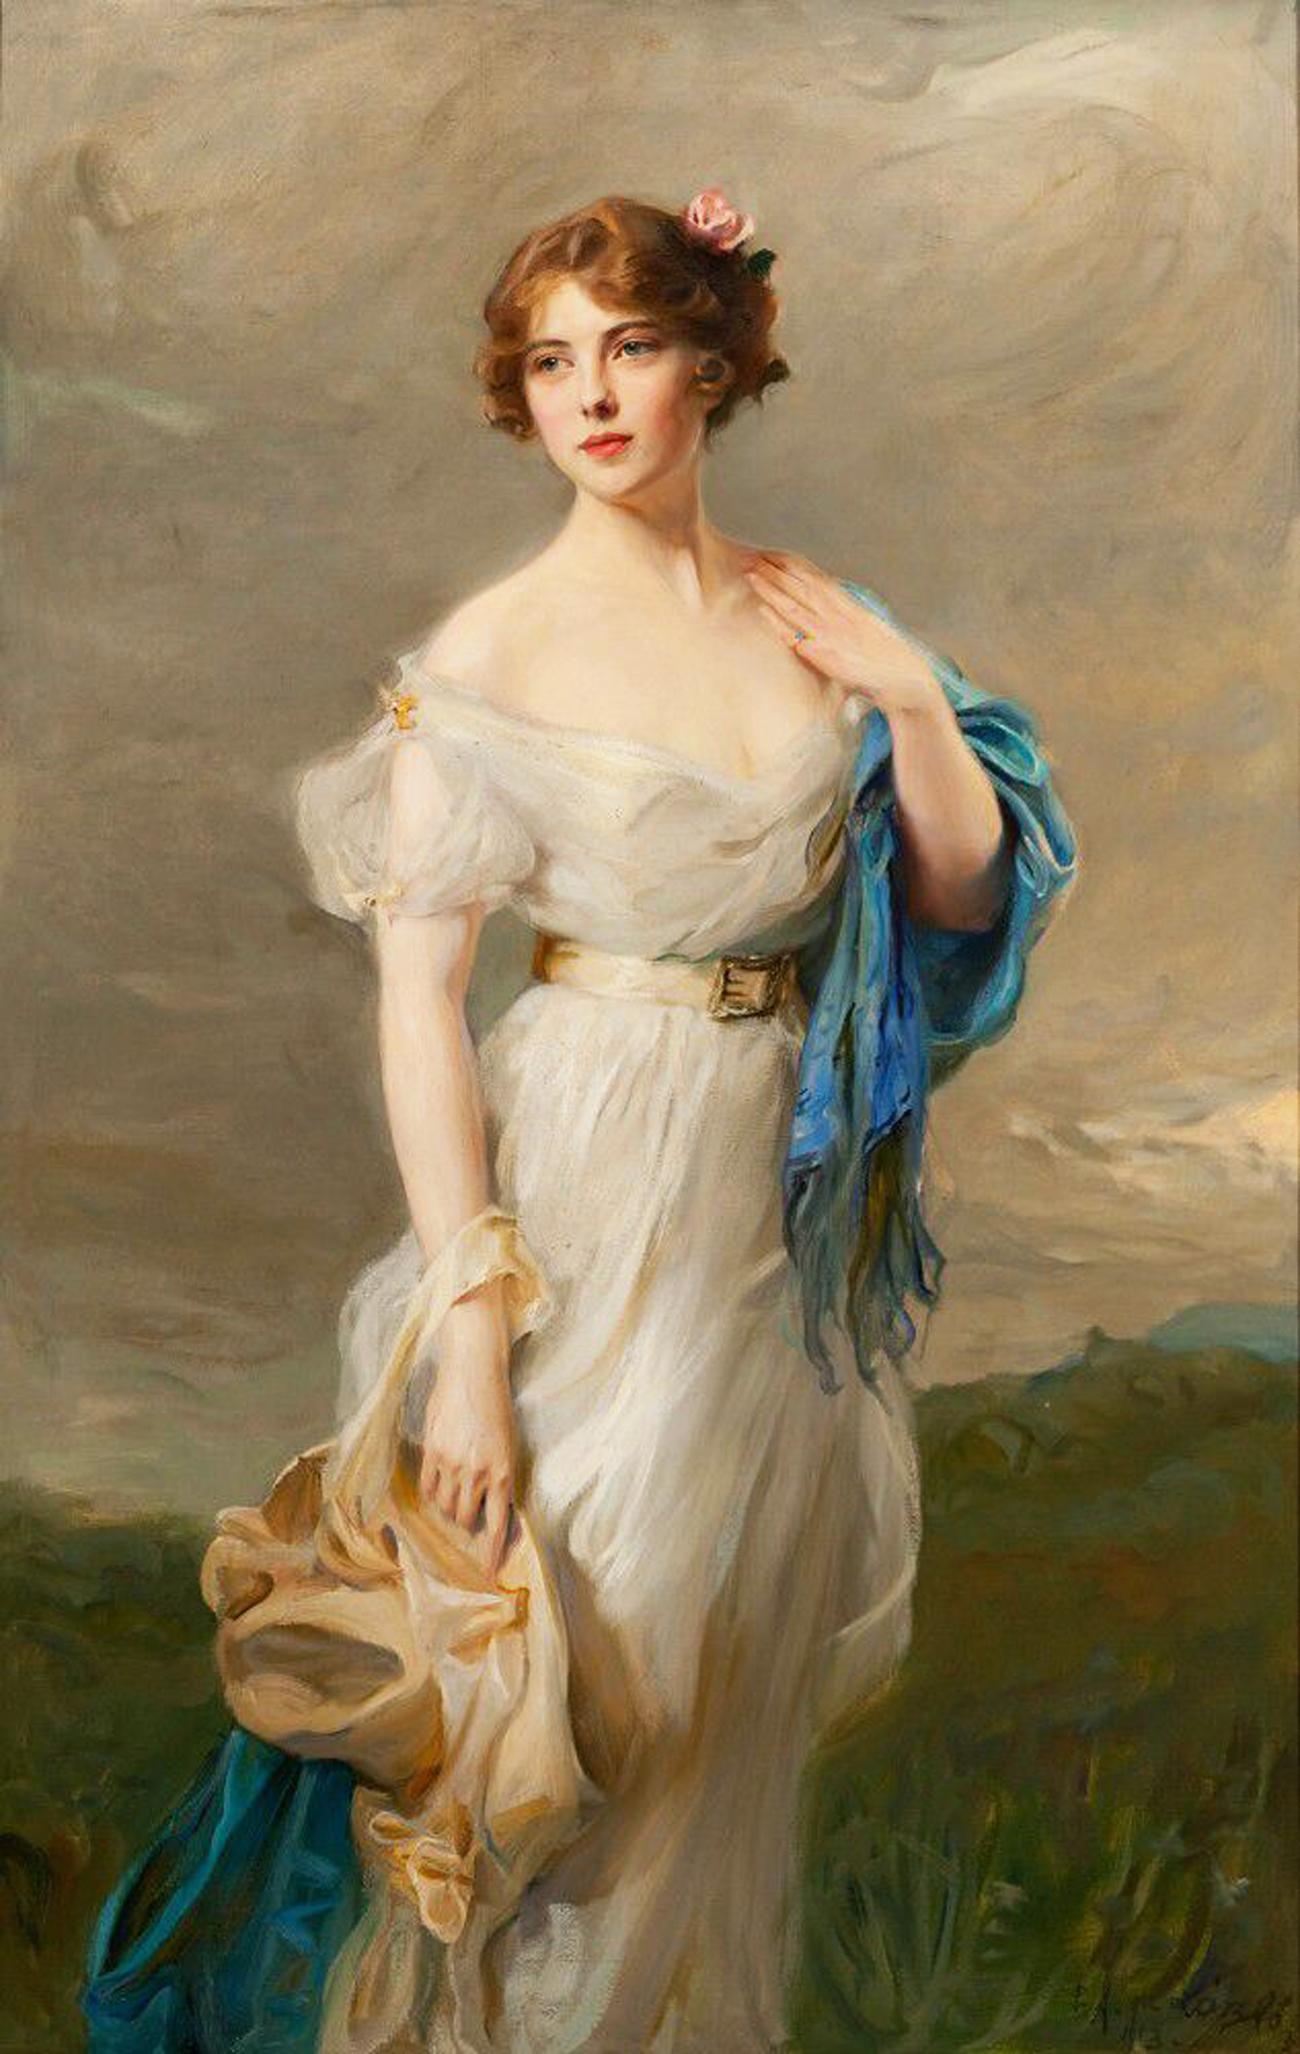 Anastasia de Torby. Source: Philip de László